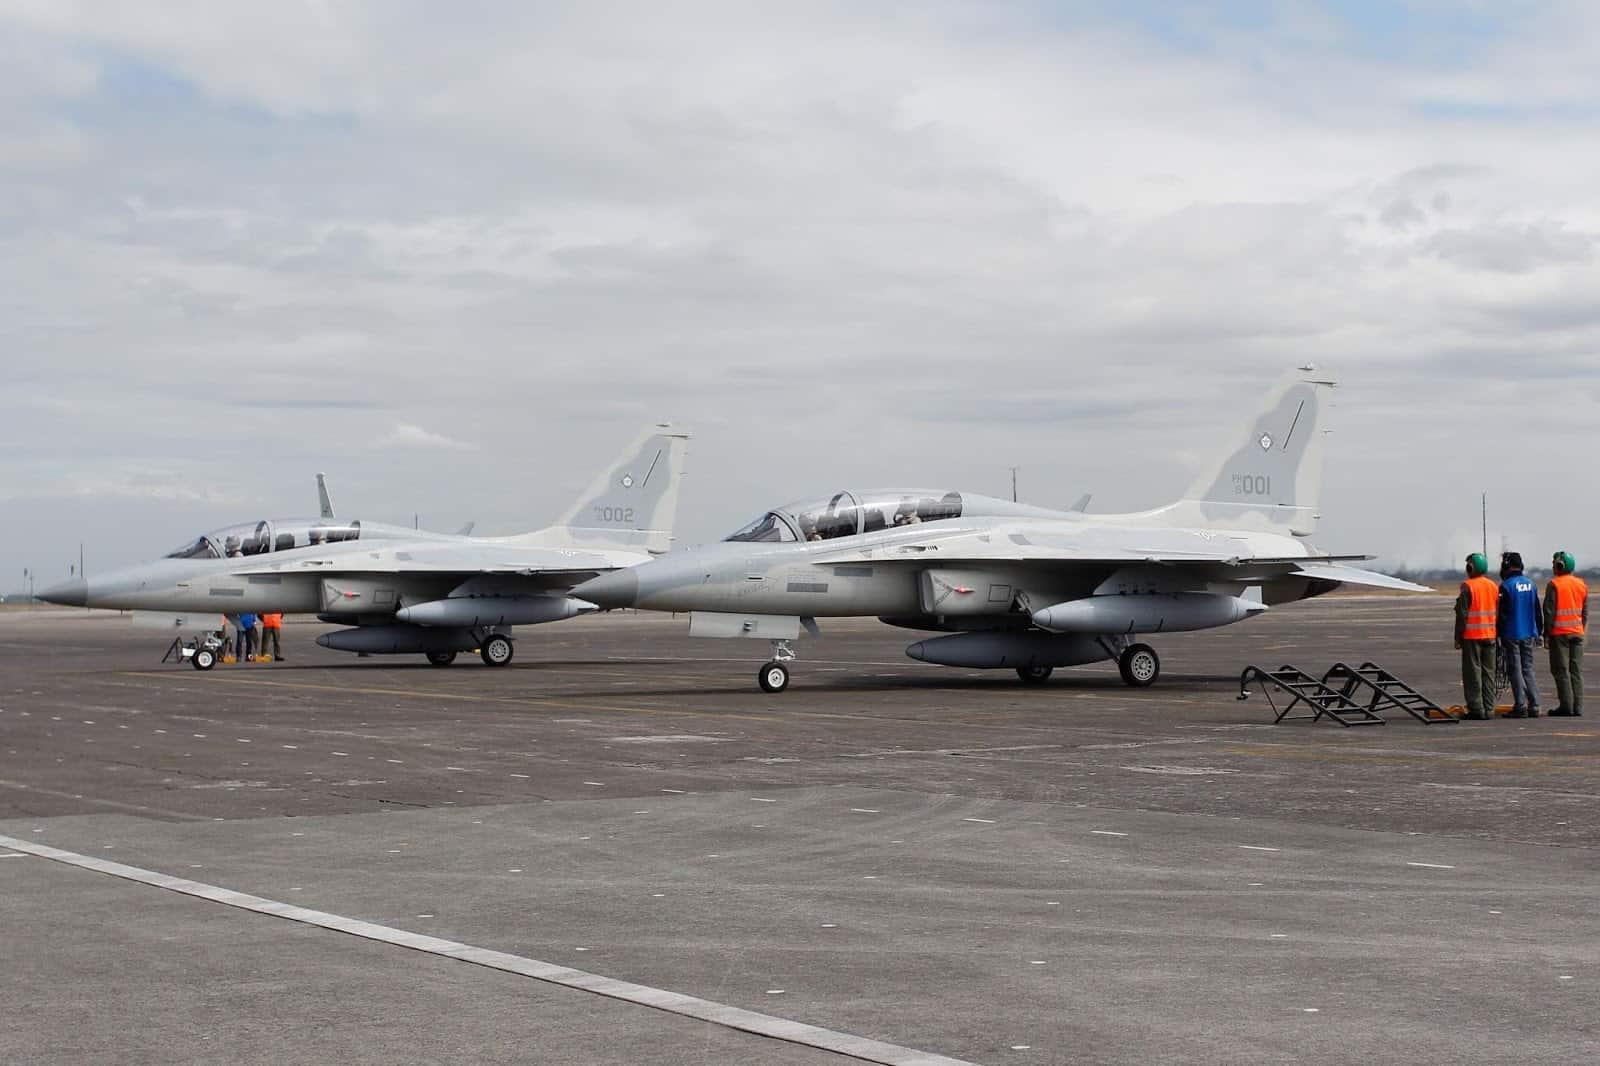 Літаки Філіппінських ПС на стоянці